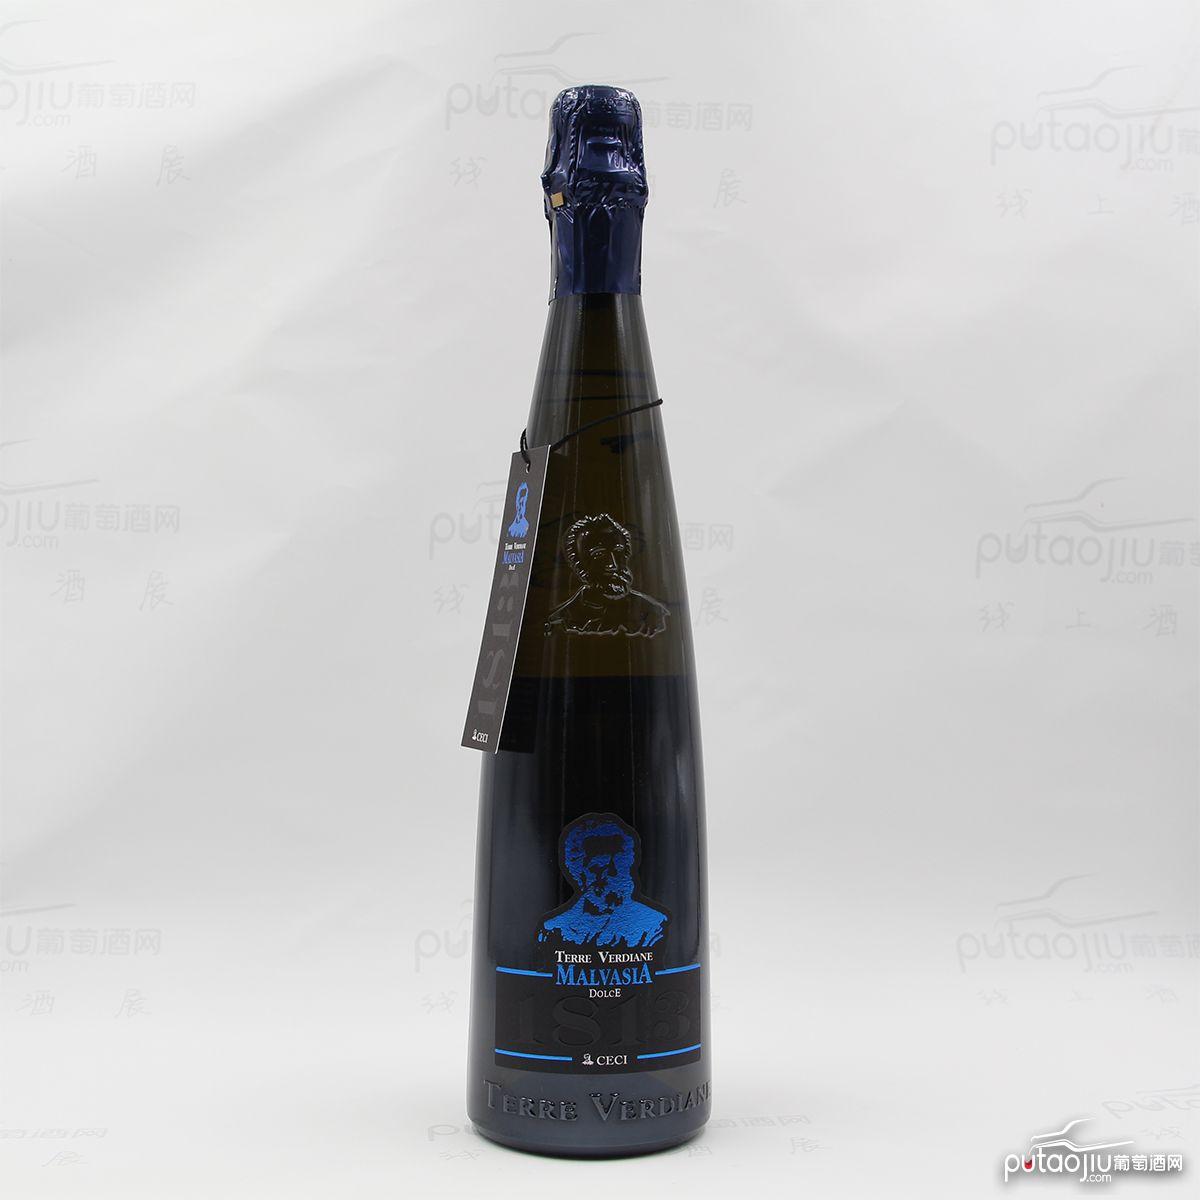 意大利艾米利亚奢侈酒庄玛尔维萨奢蓝风尚起泡葡萄酒